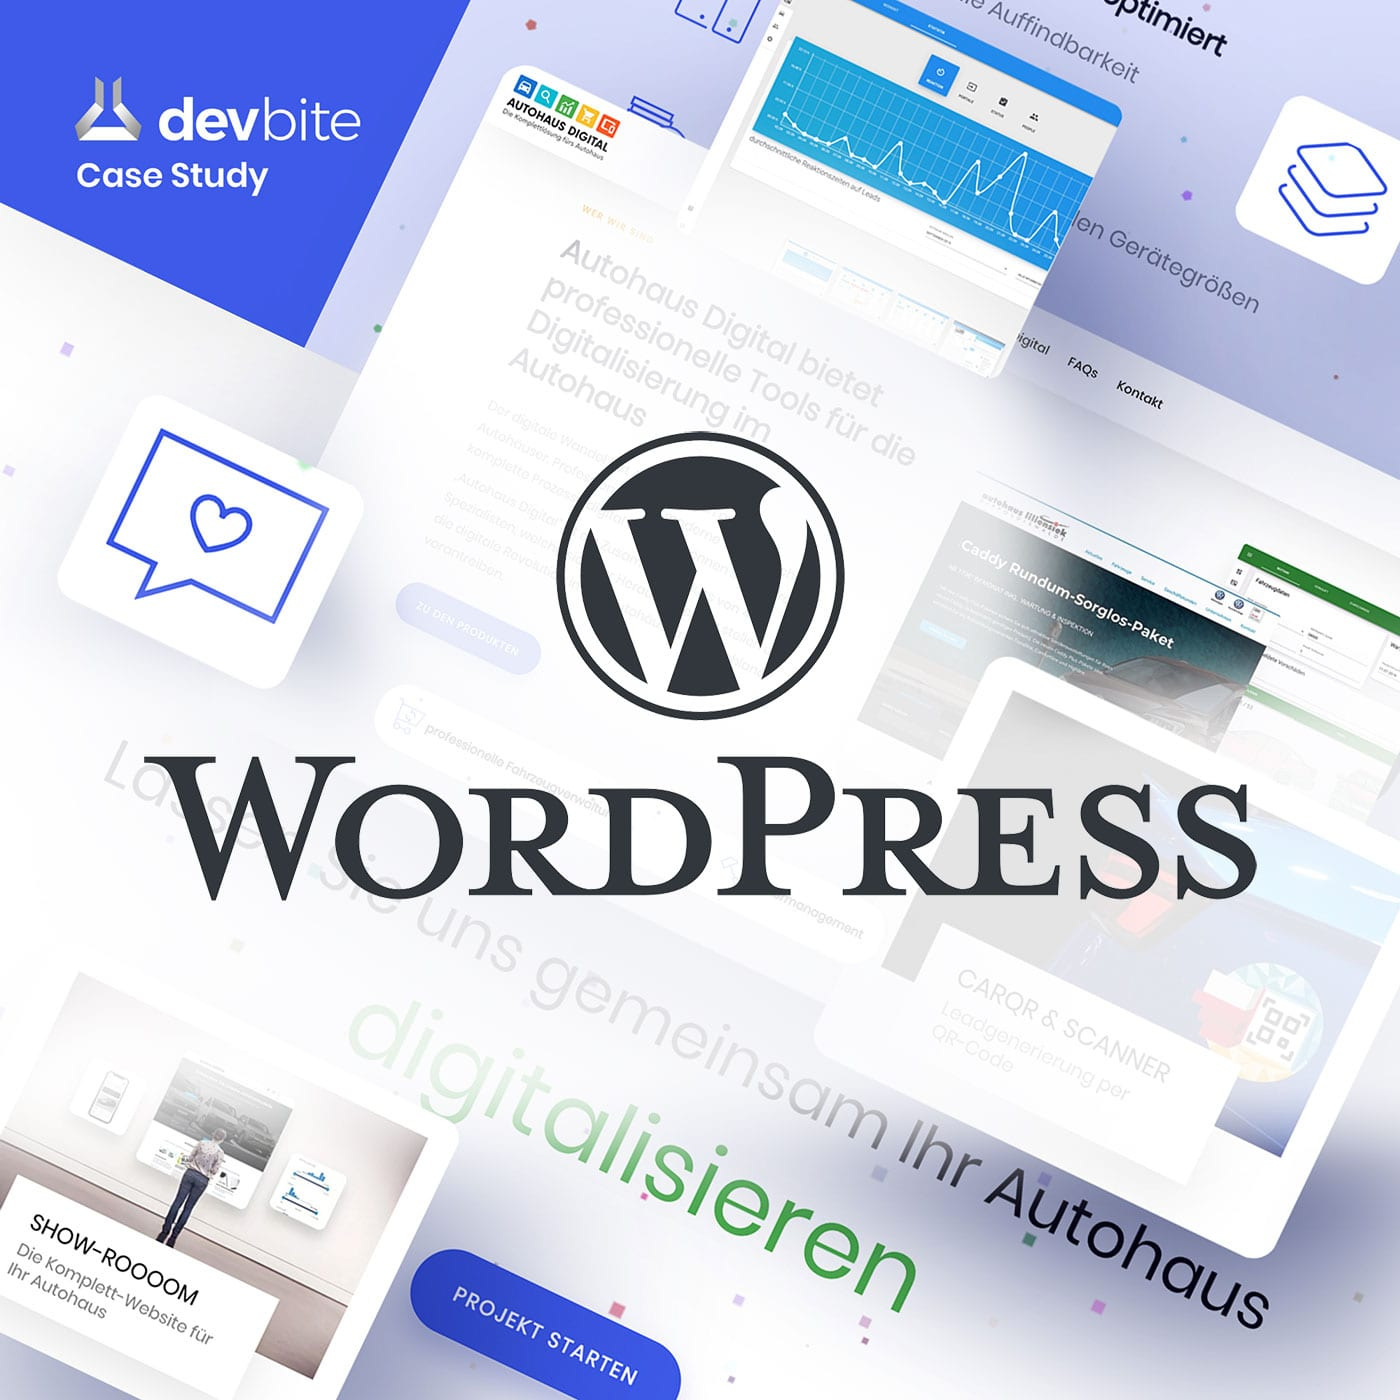 Webdesign mit Wordpress made by devbite